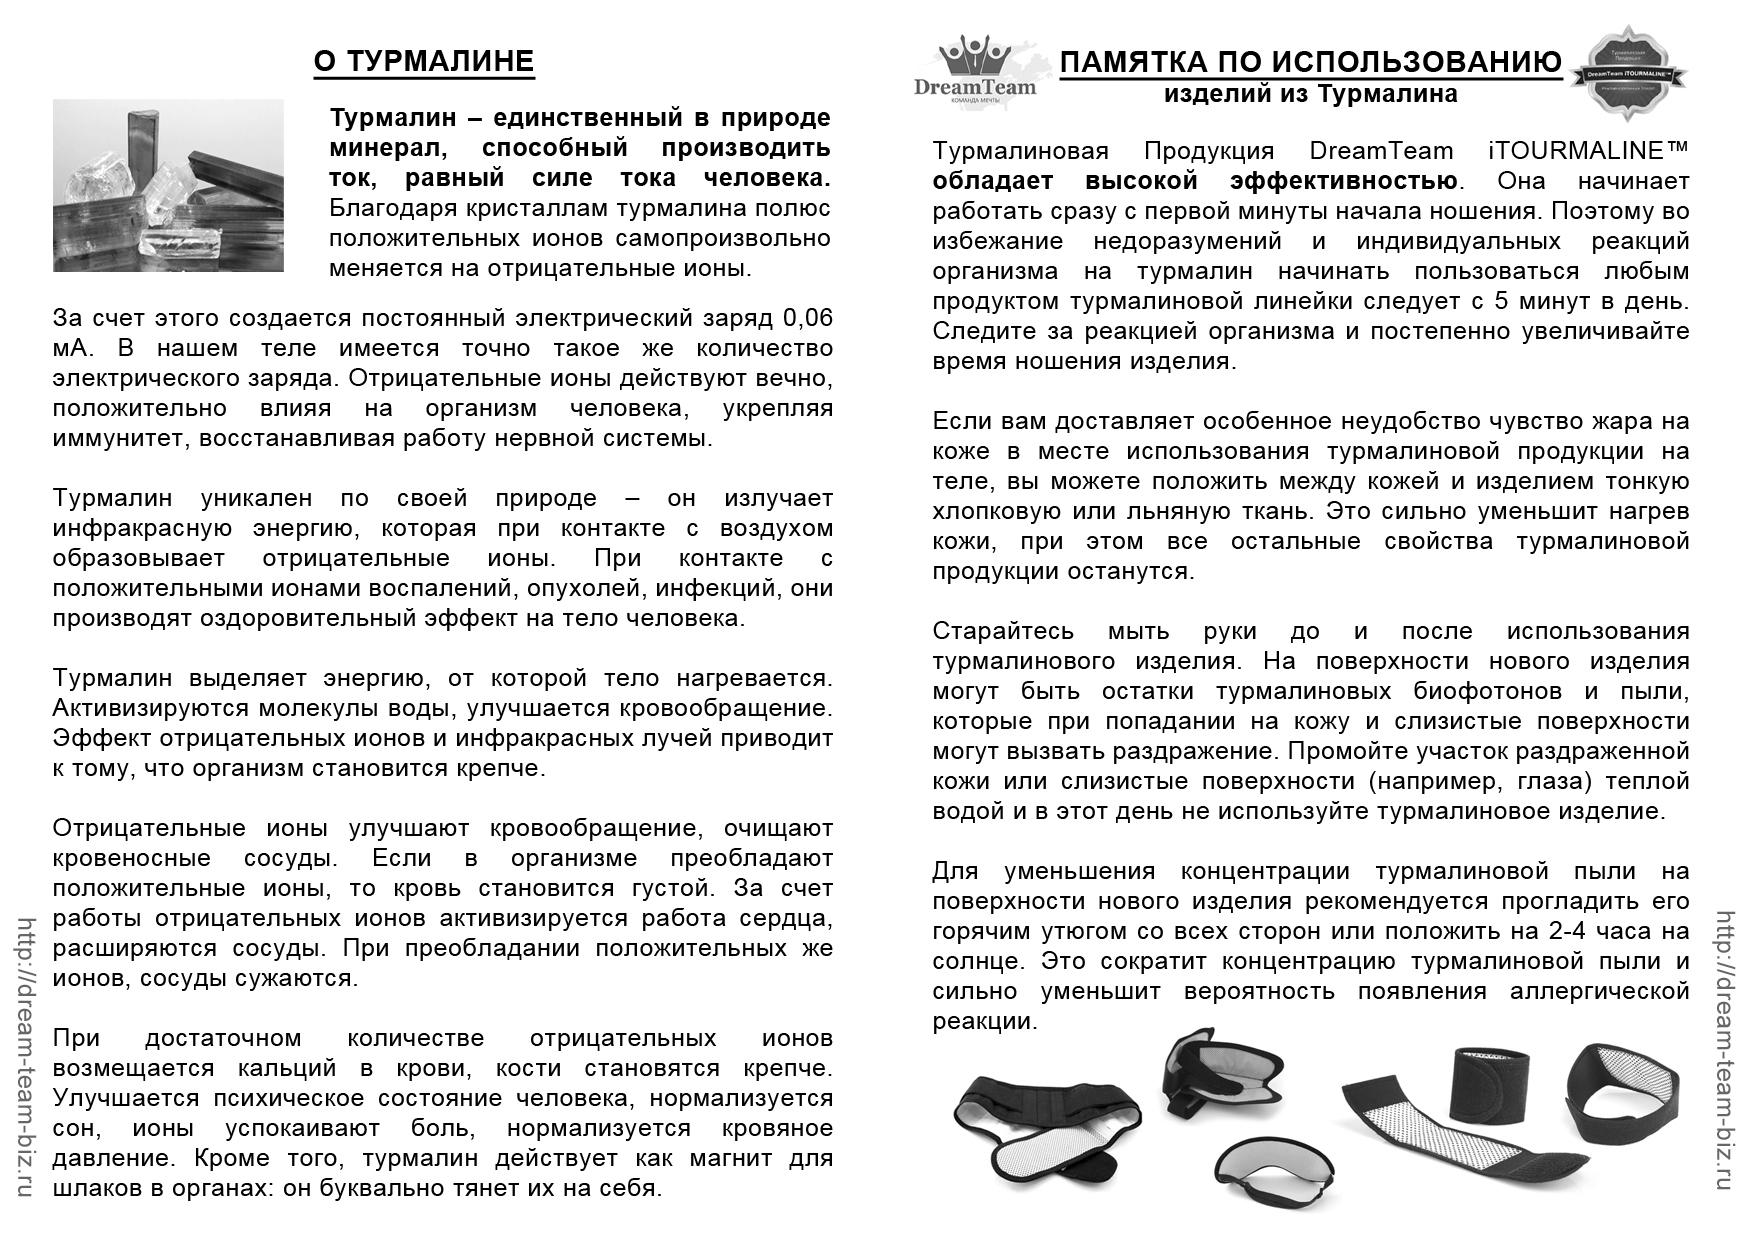 инструкция турмалиновая продукции